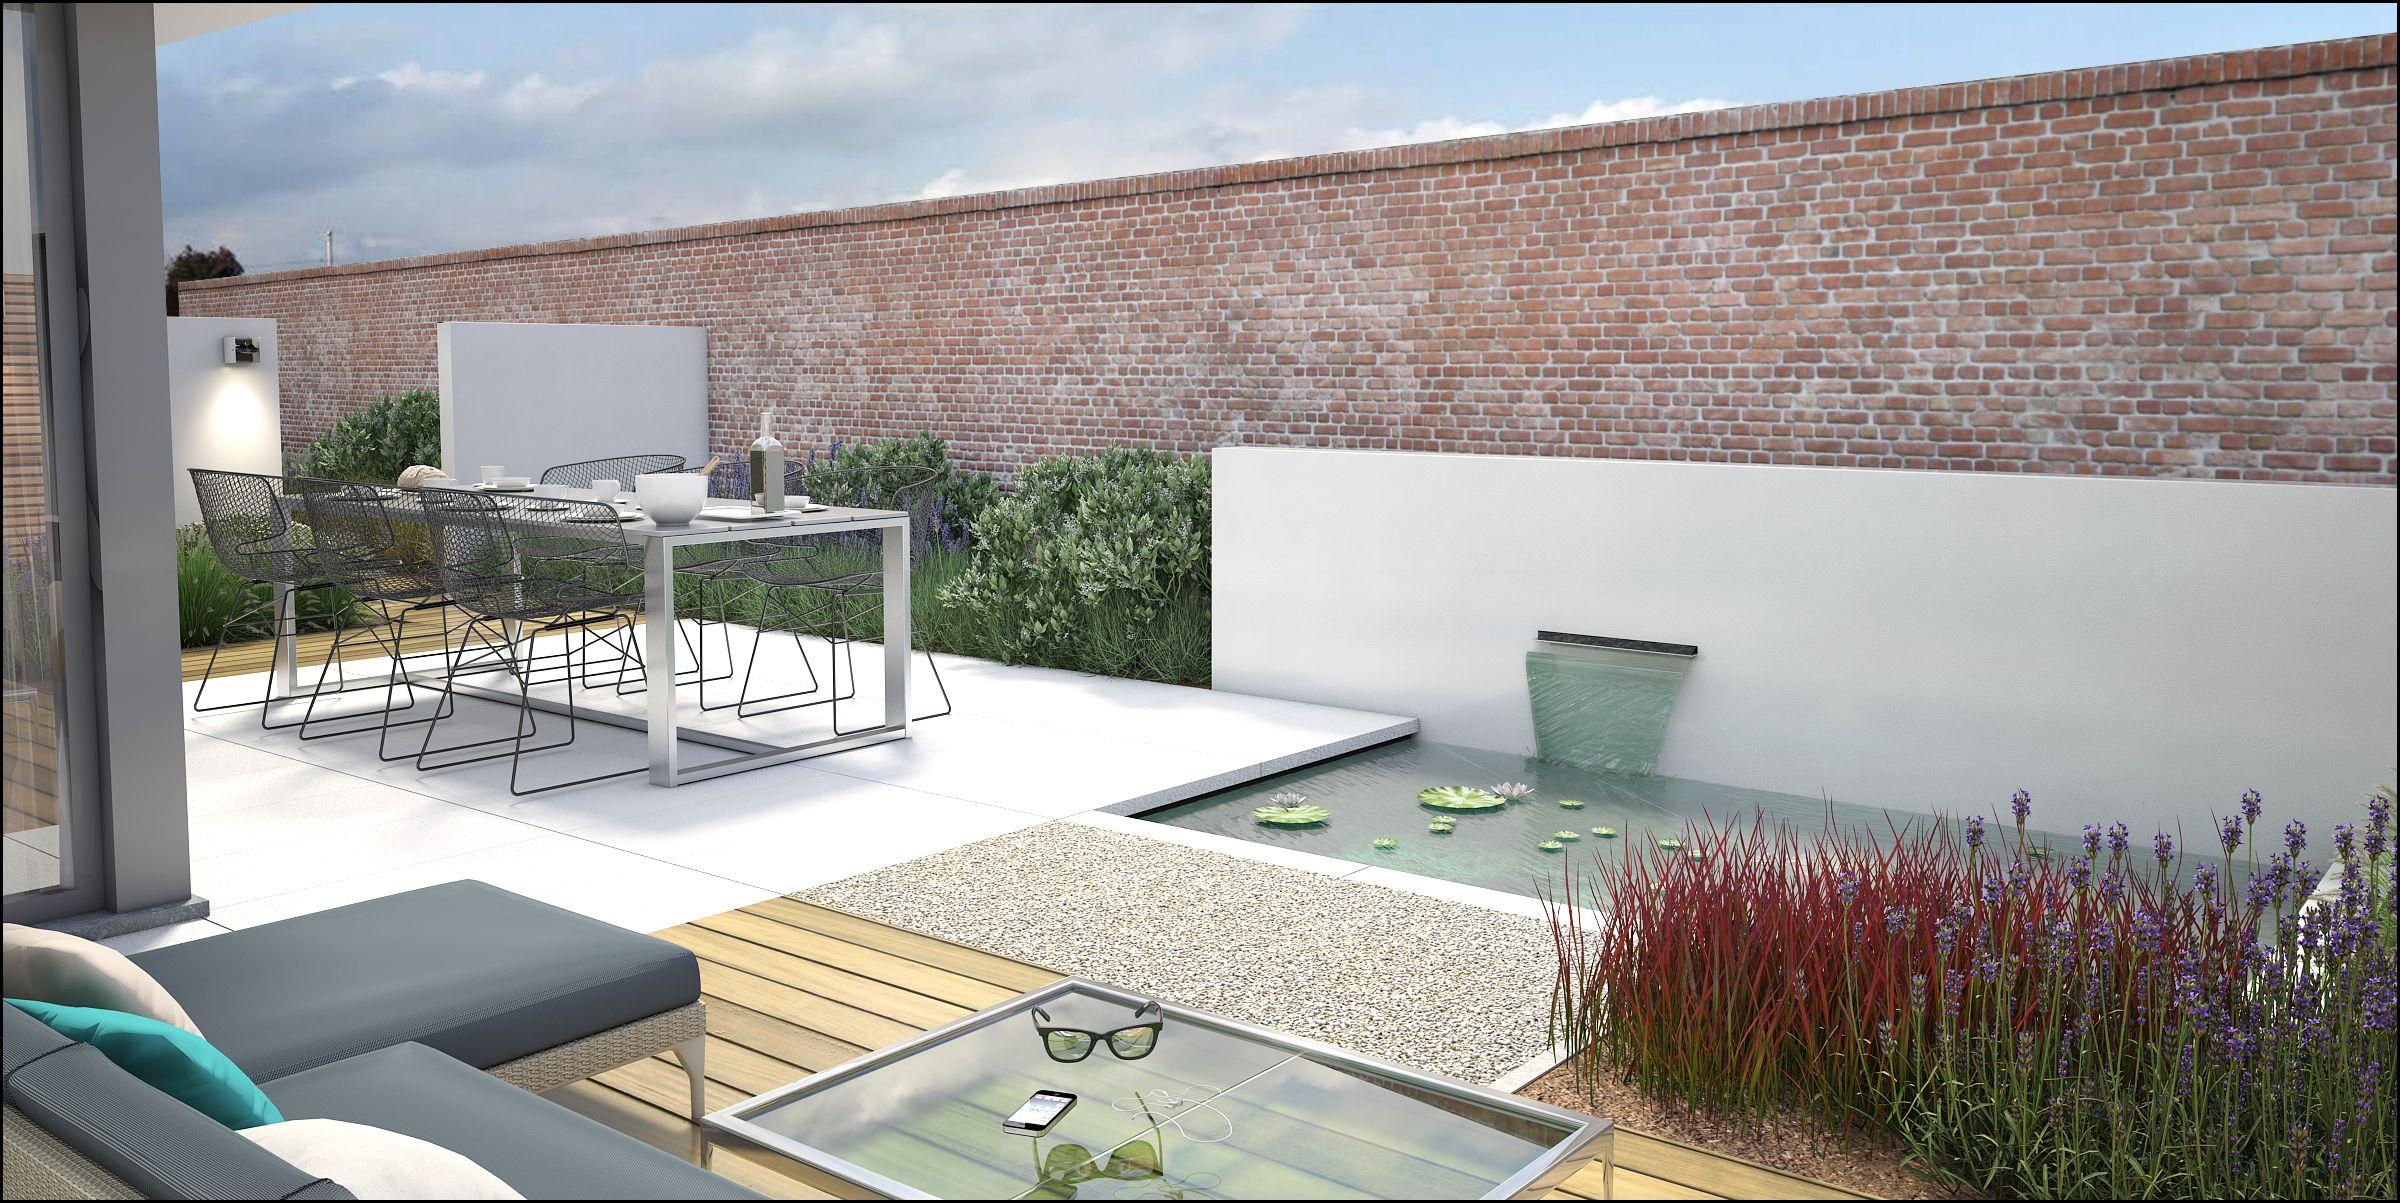 Modern garden house  garden landscaping tuin tuinontwerp archviz architecture tuin